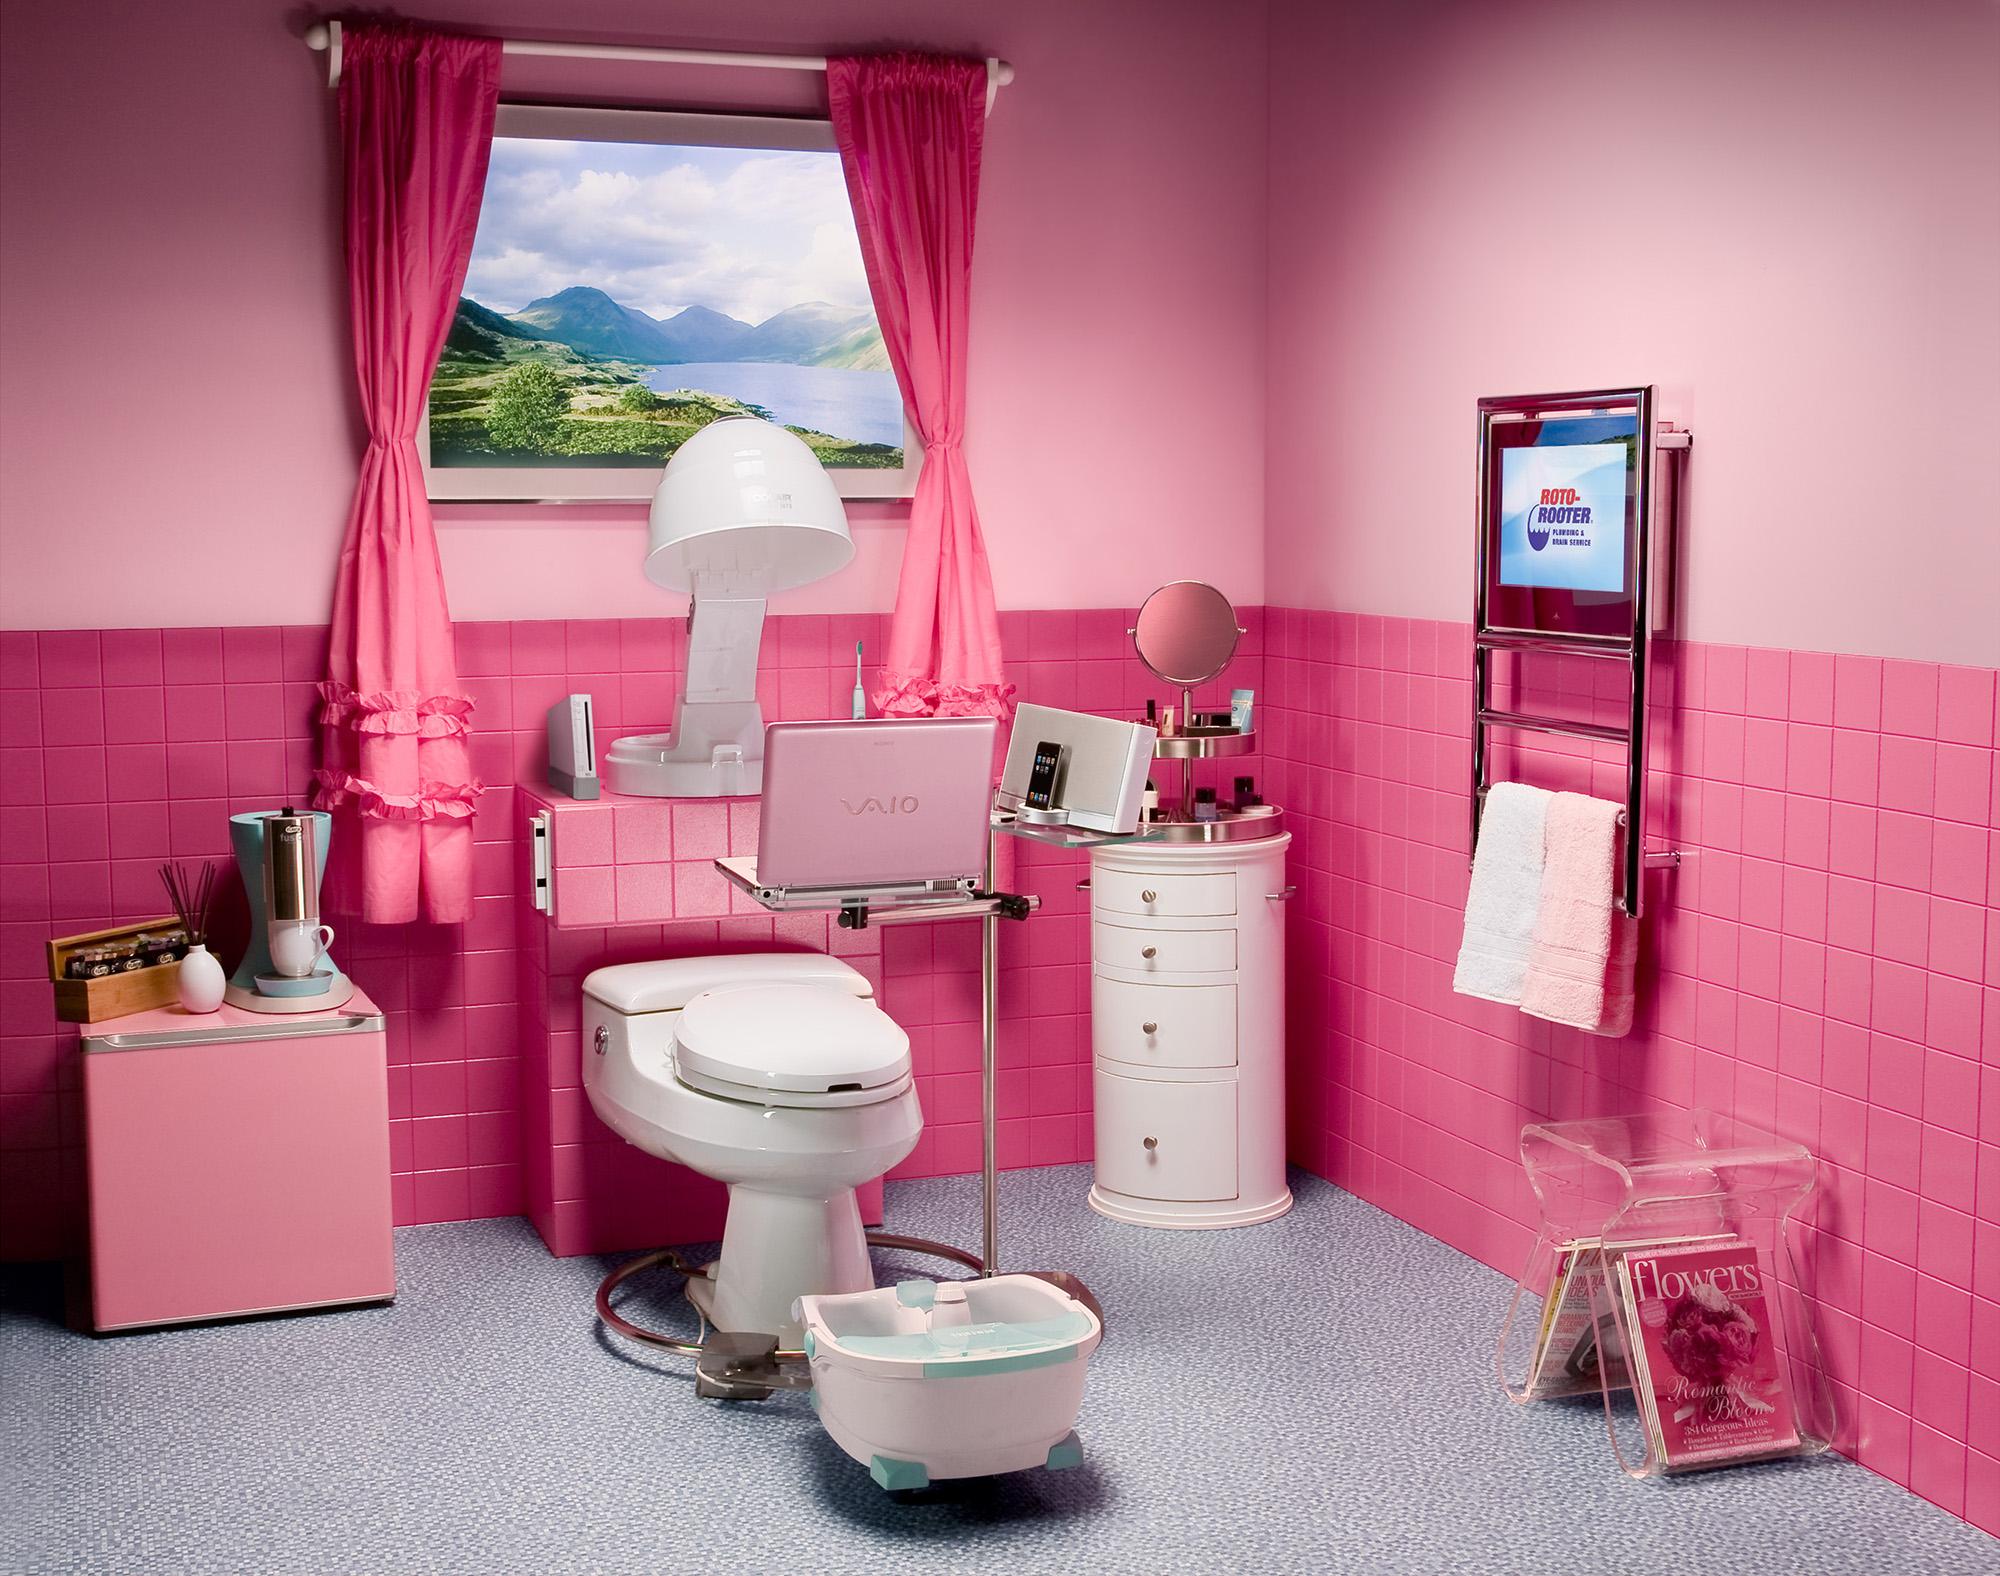 Необычная розовая ванная комната